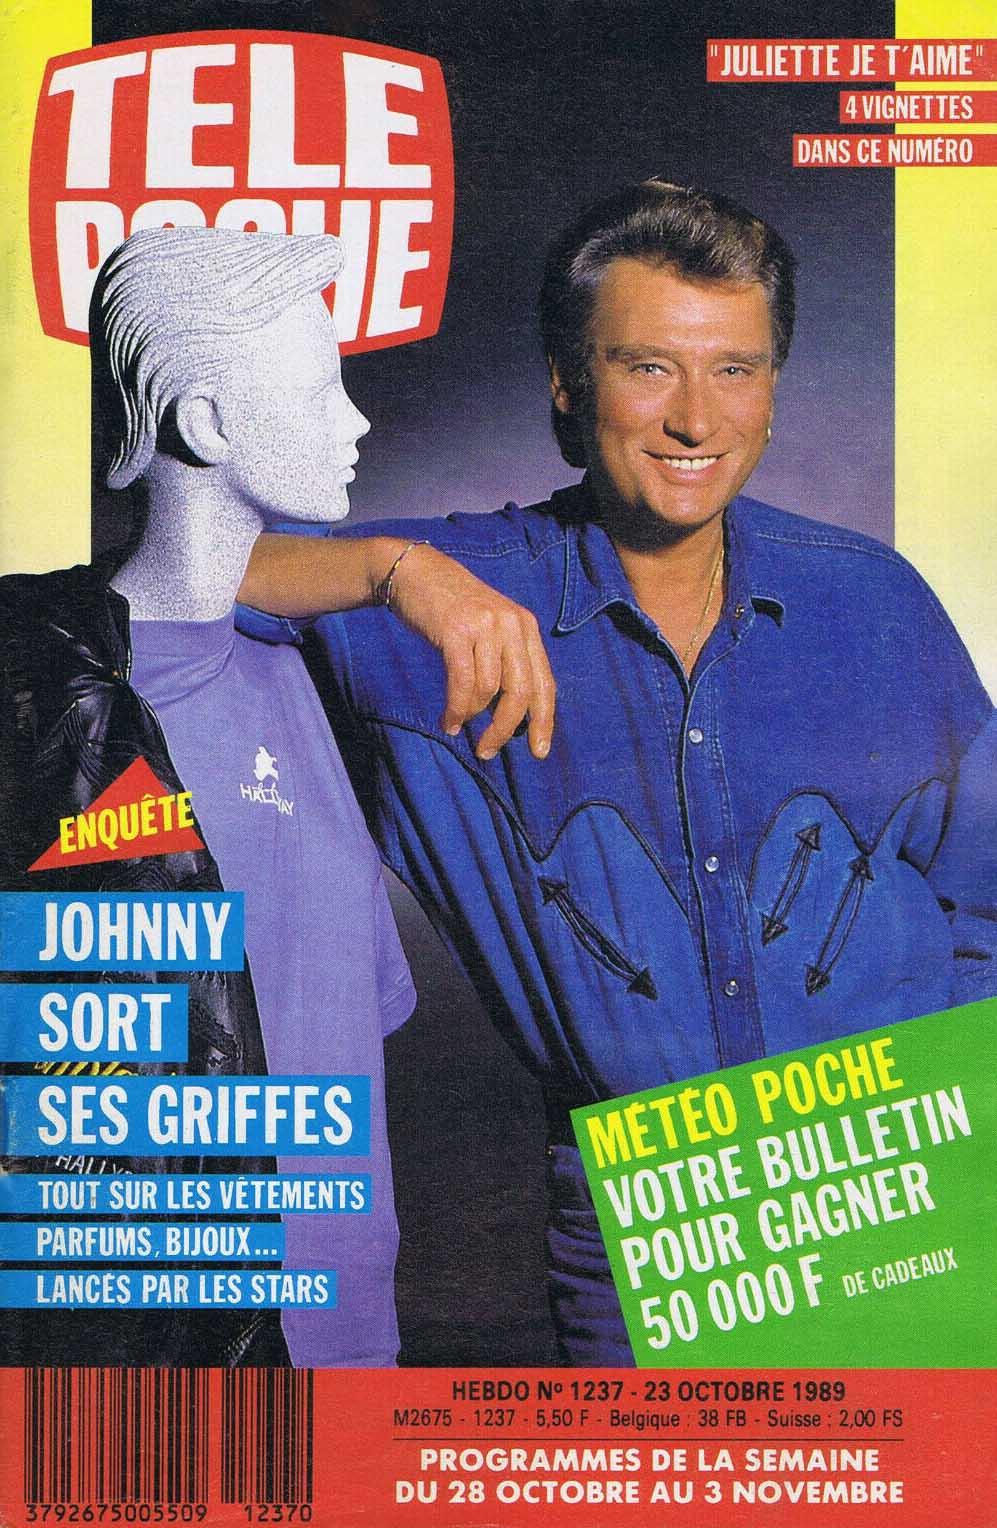 28 octobre au 3 novembre 1989